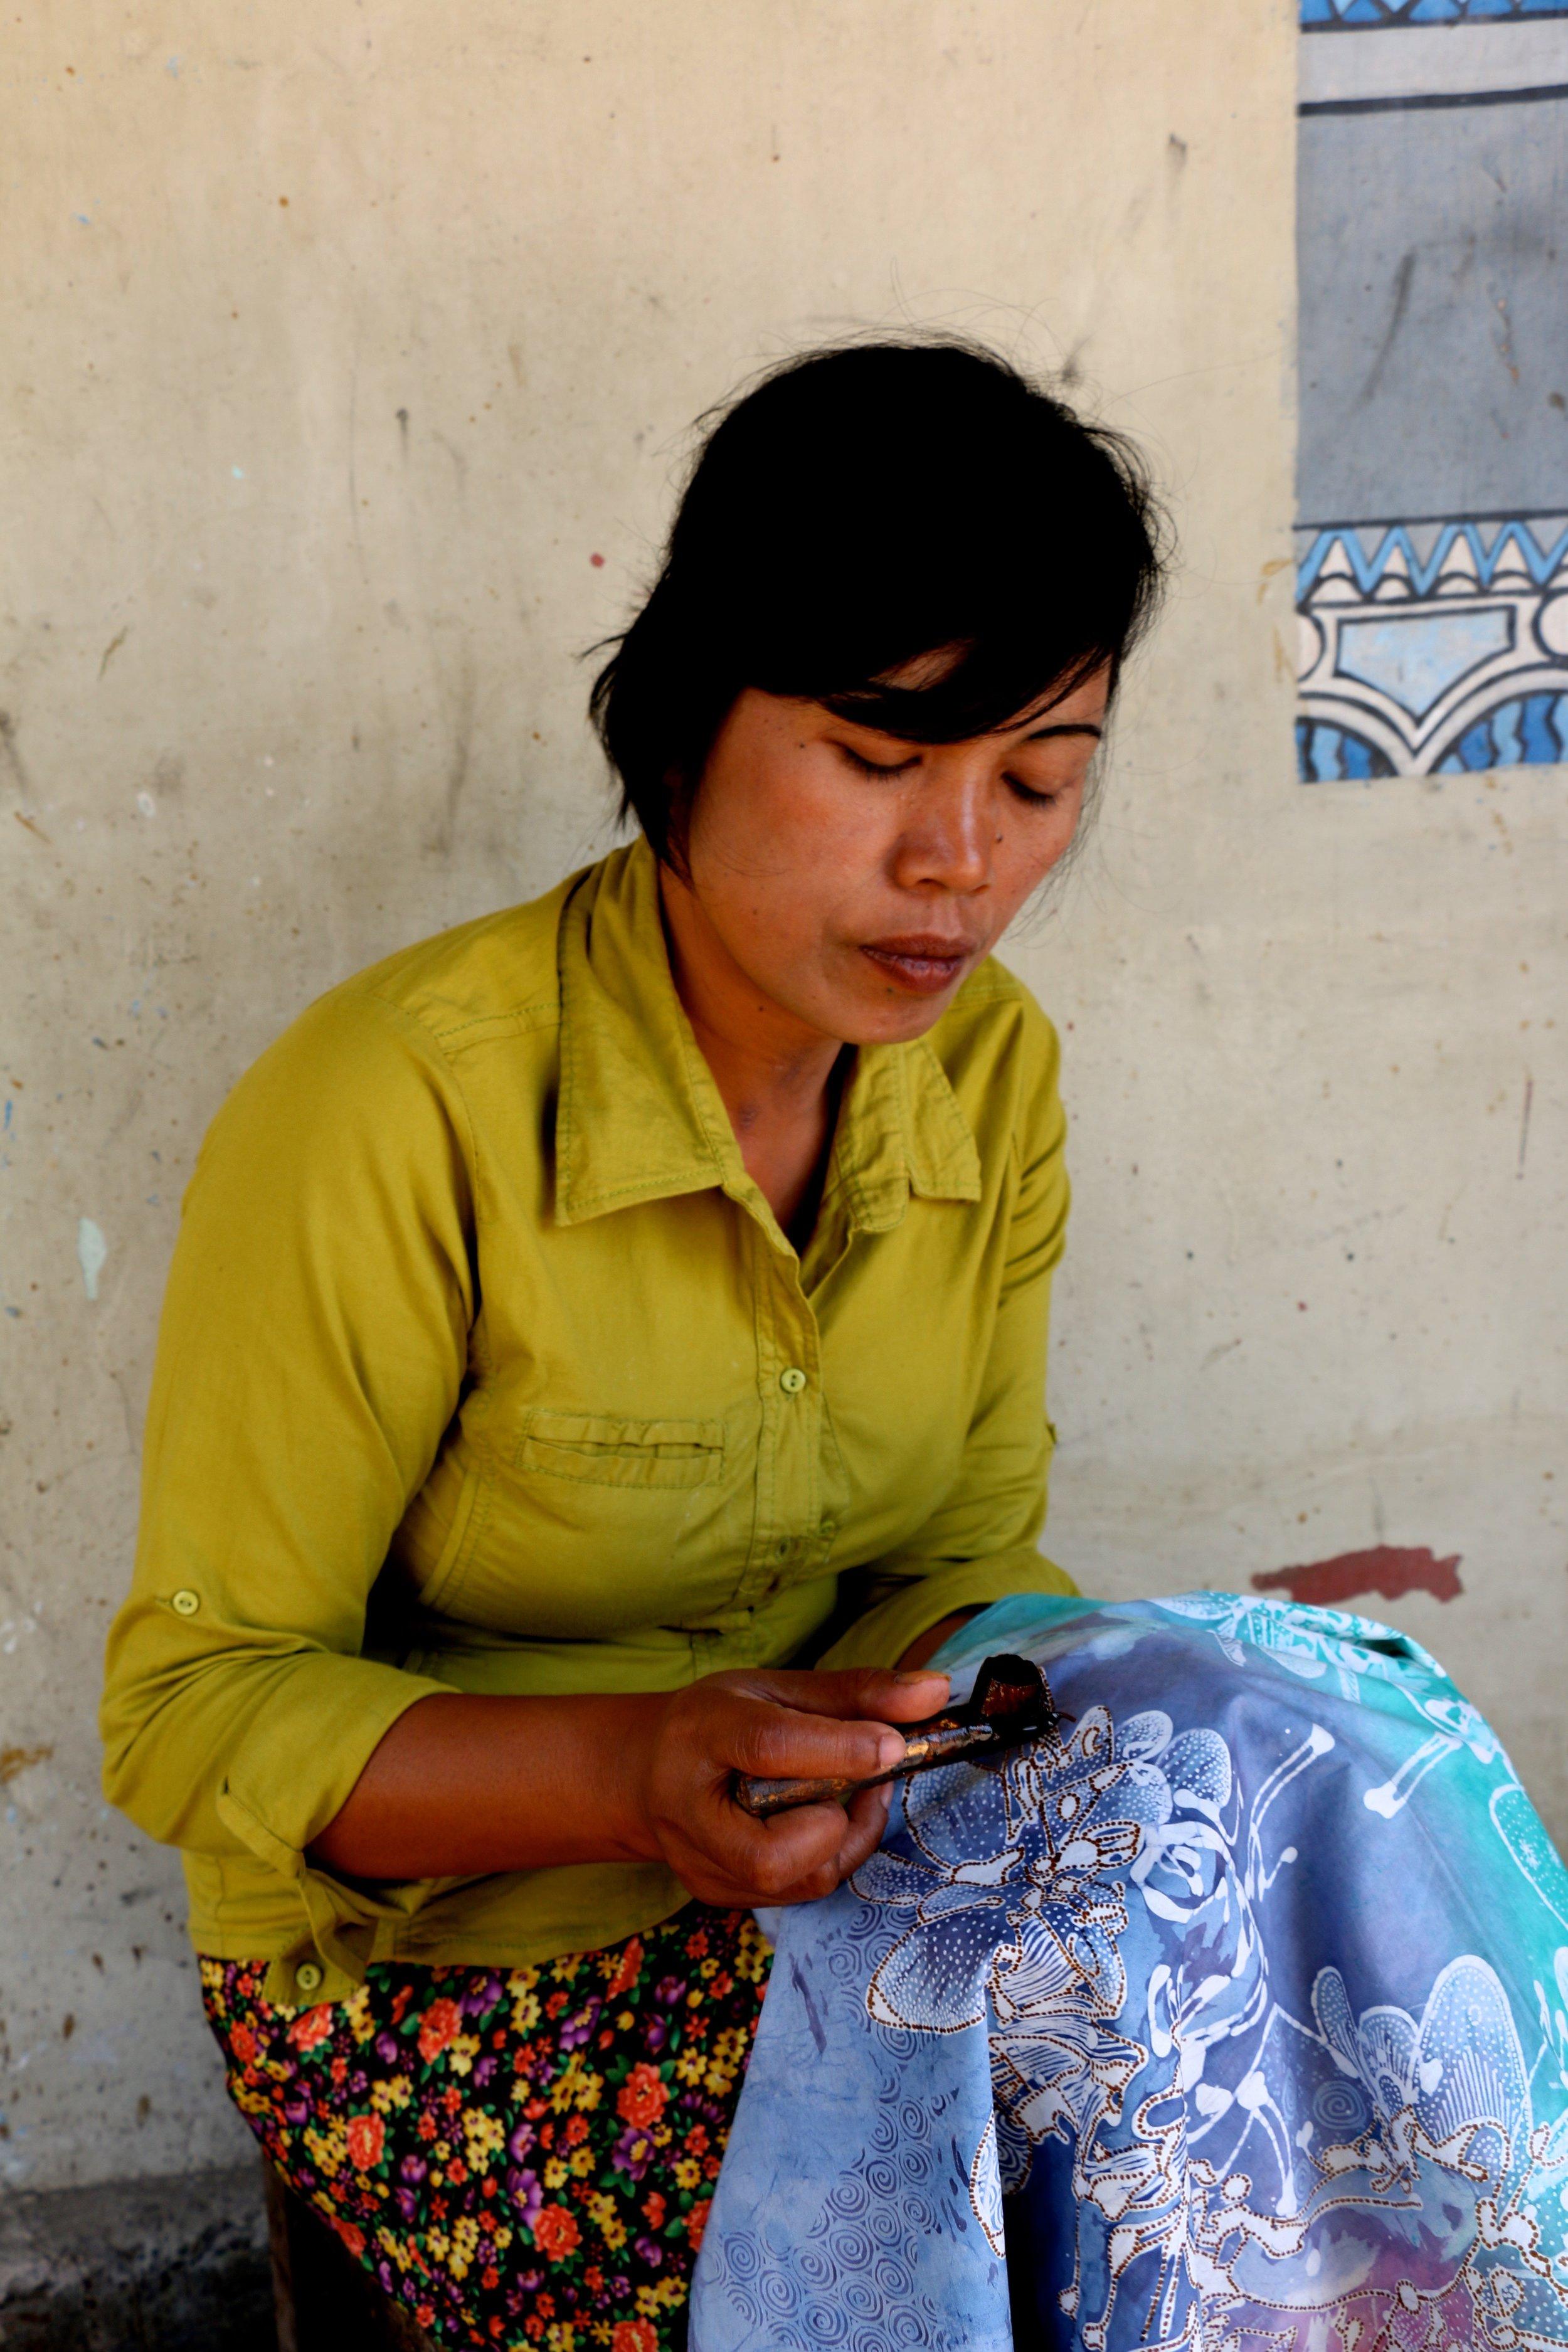 A woman working on batik